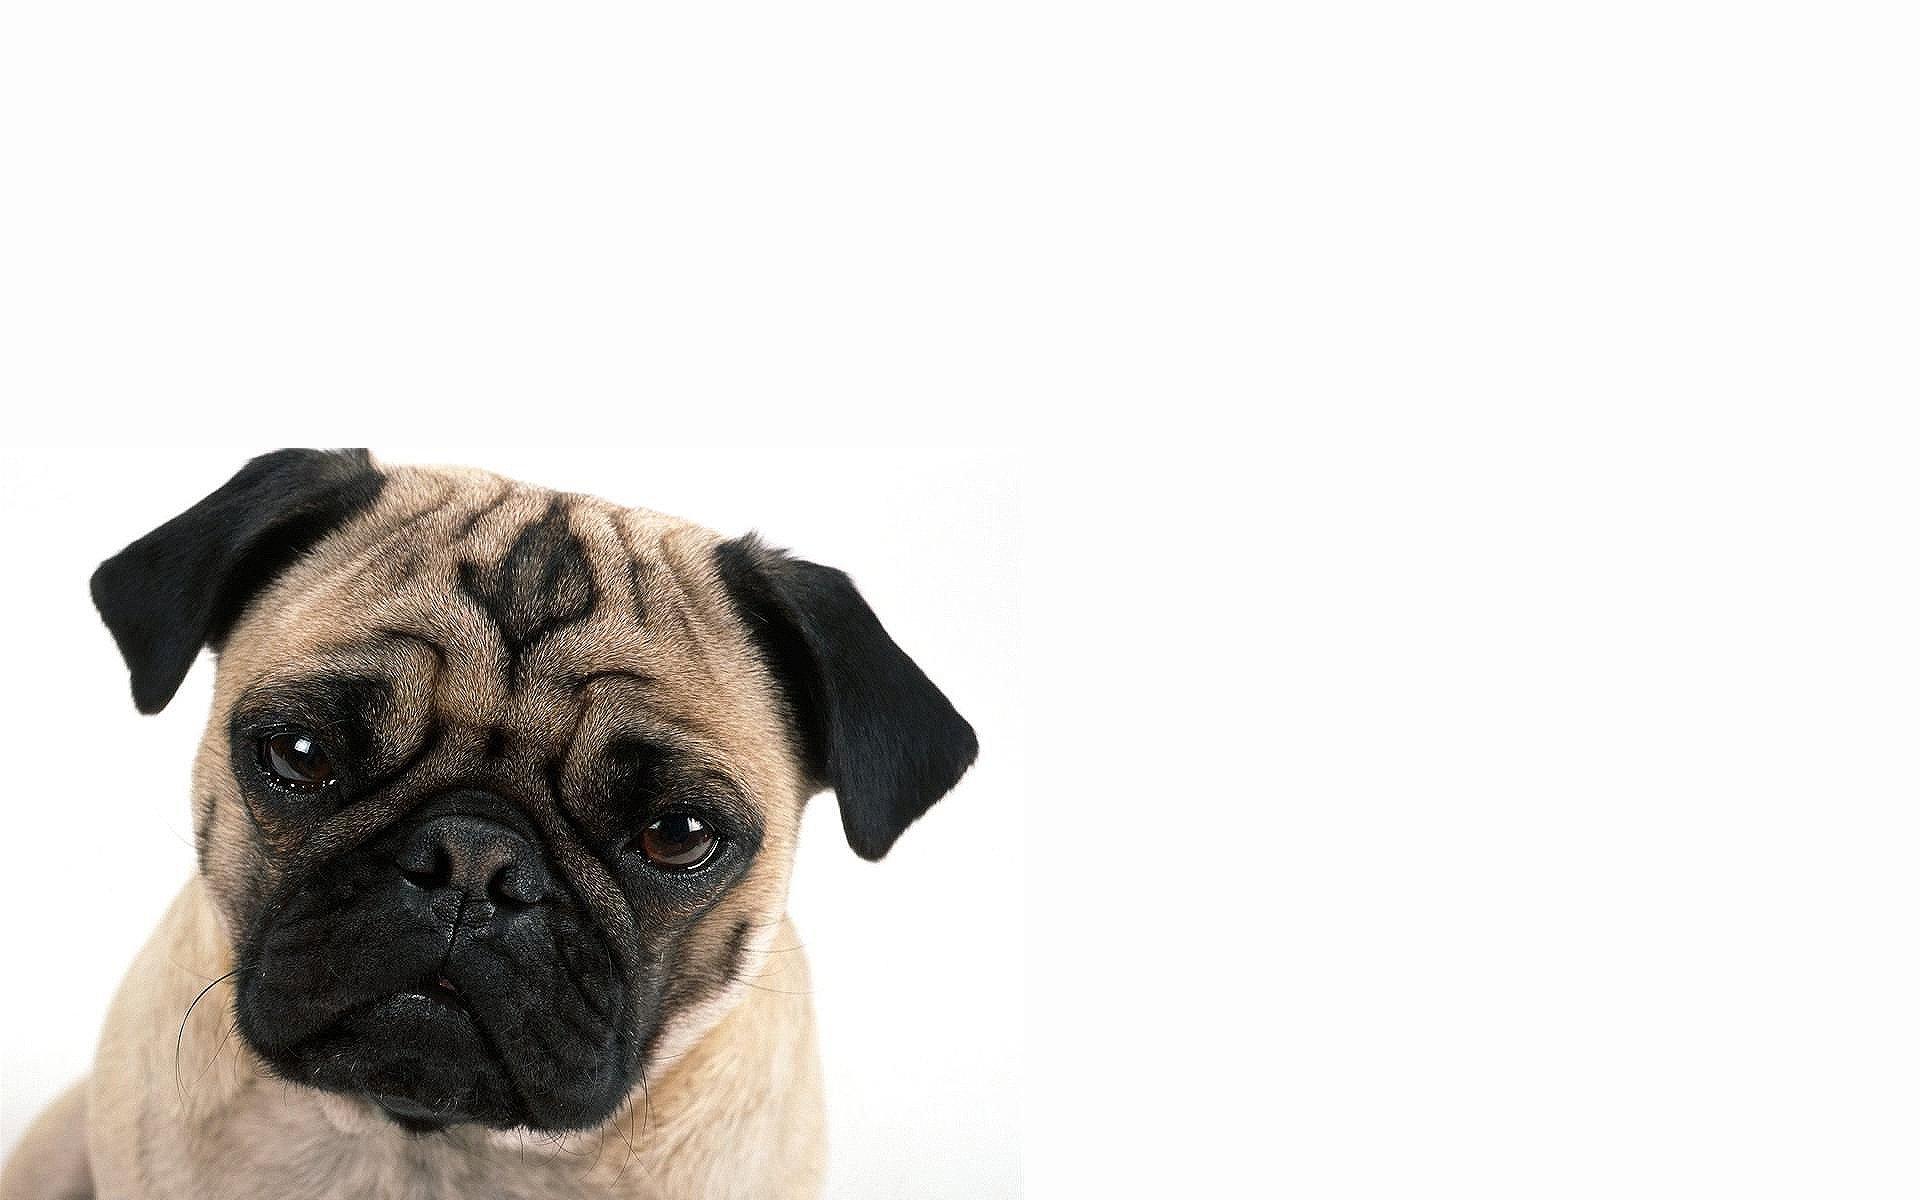 Pug Iphone Wallpaper Animals Dogs Pug Wallpaper 1920x1200 262327 Wallpaperup